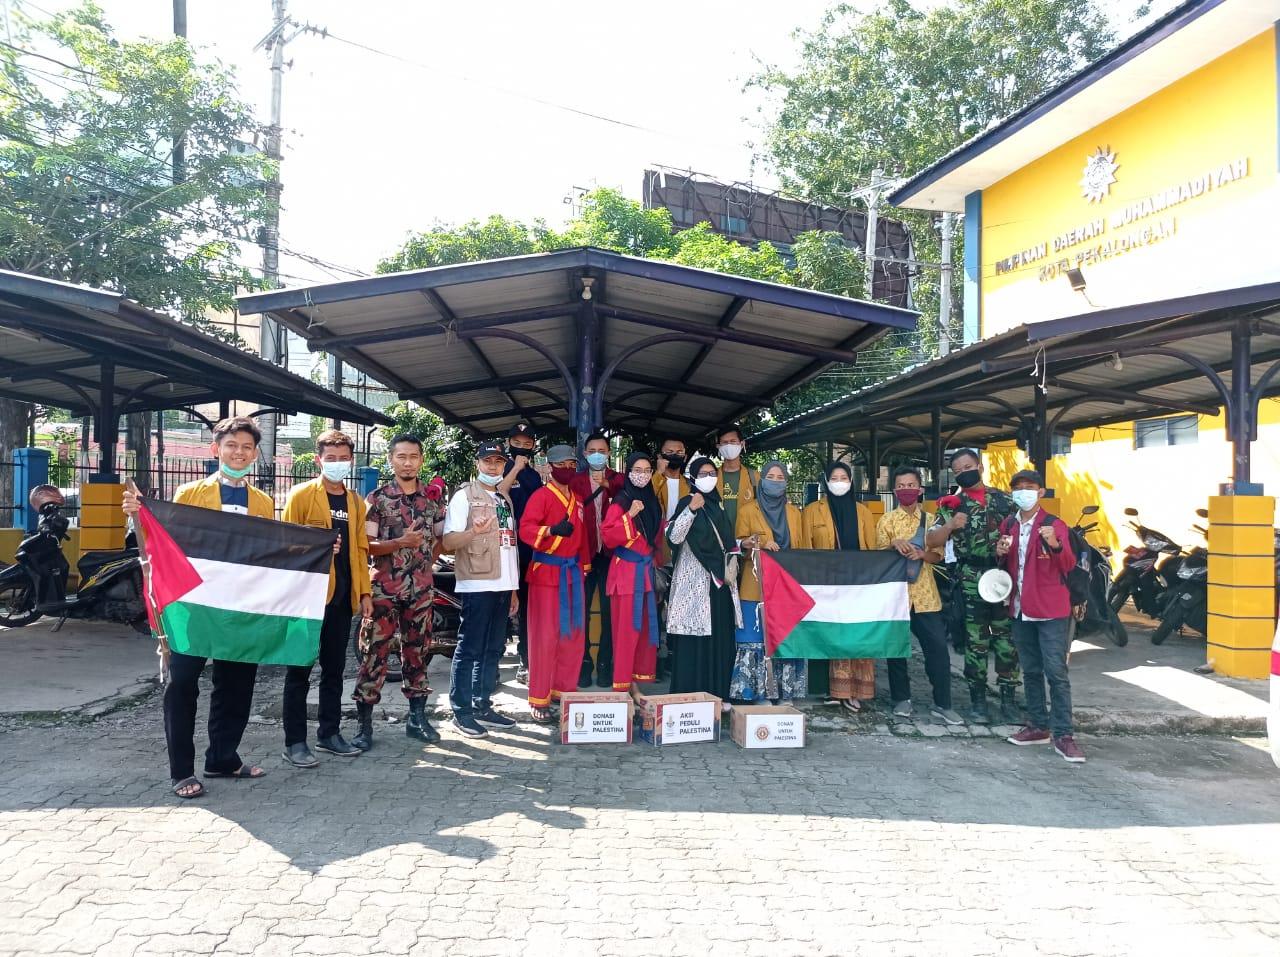 Aksi Peduli Palestina, AMM Kota Pekalongan Turun ke Jalan dan Serahkan 6 Juta Kepada Lazismu